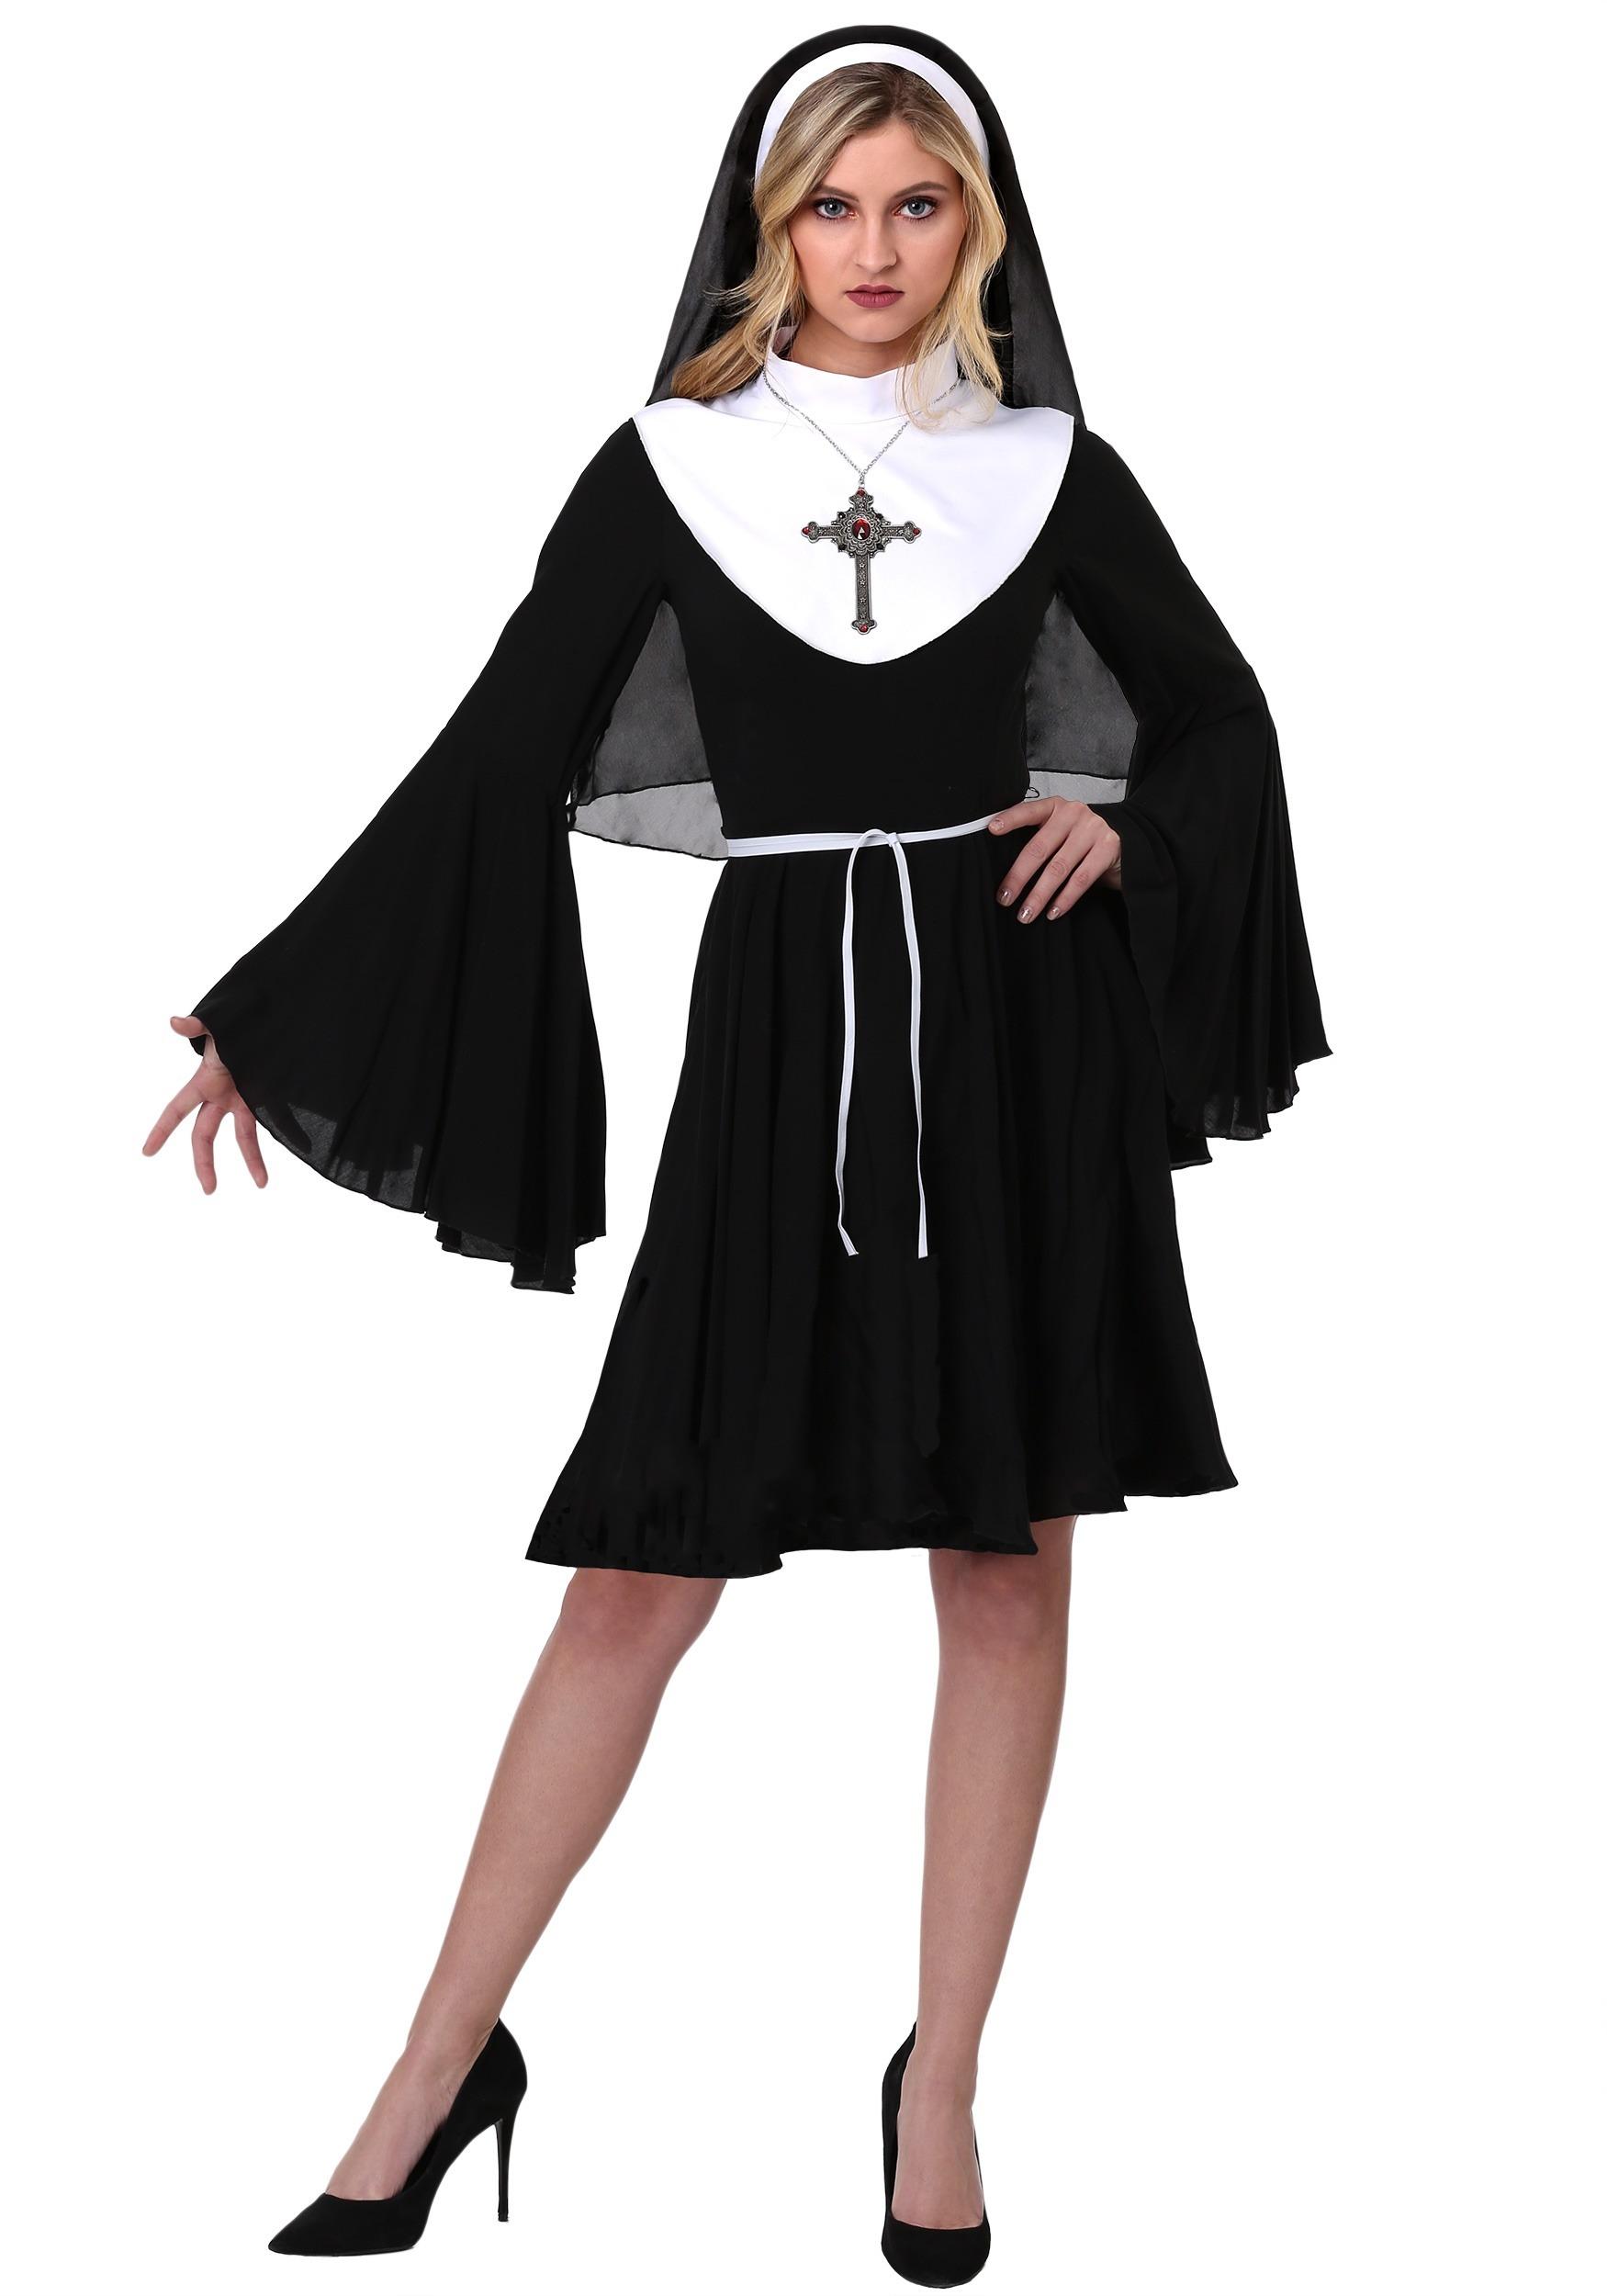 Sassy Nun Women's Costume